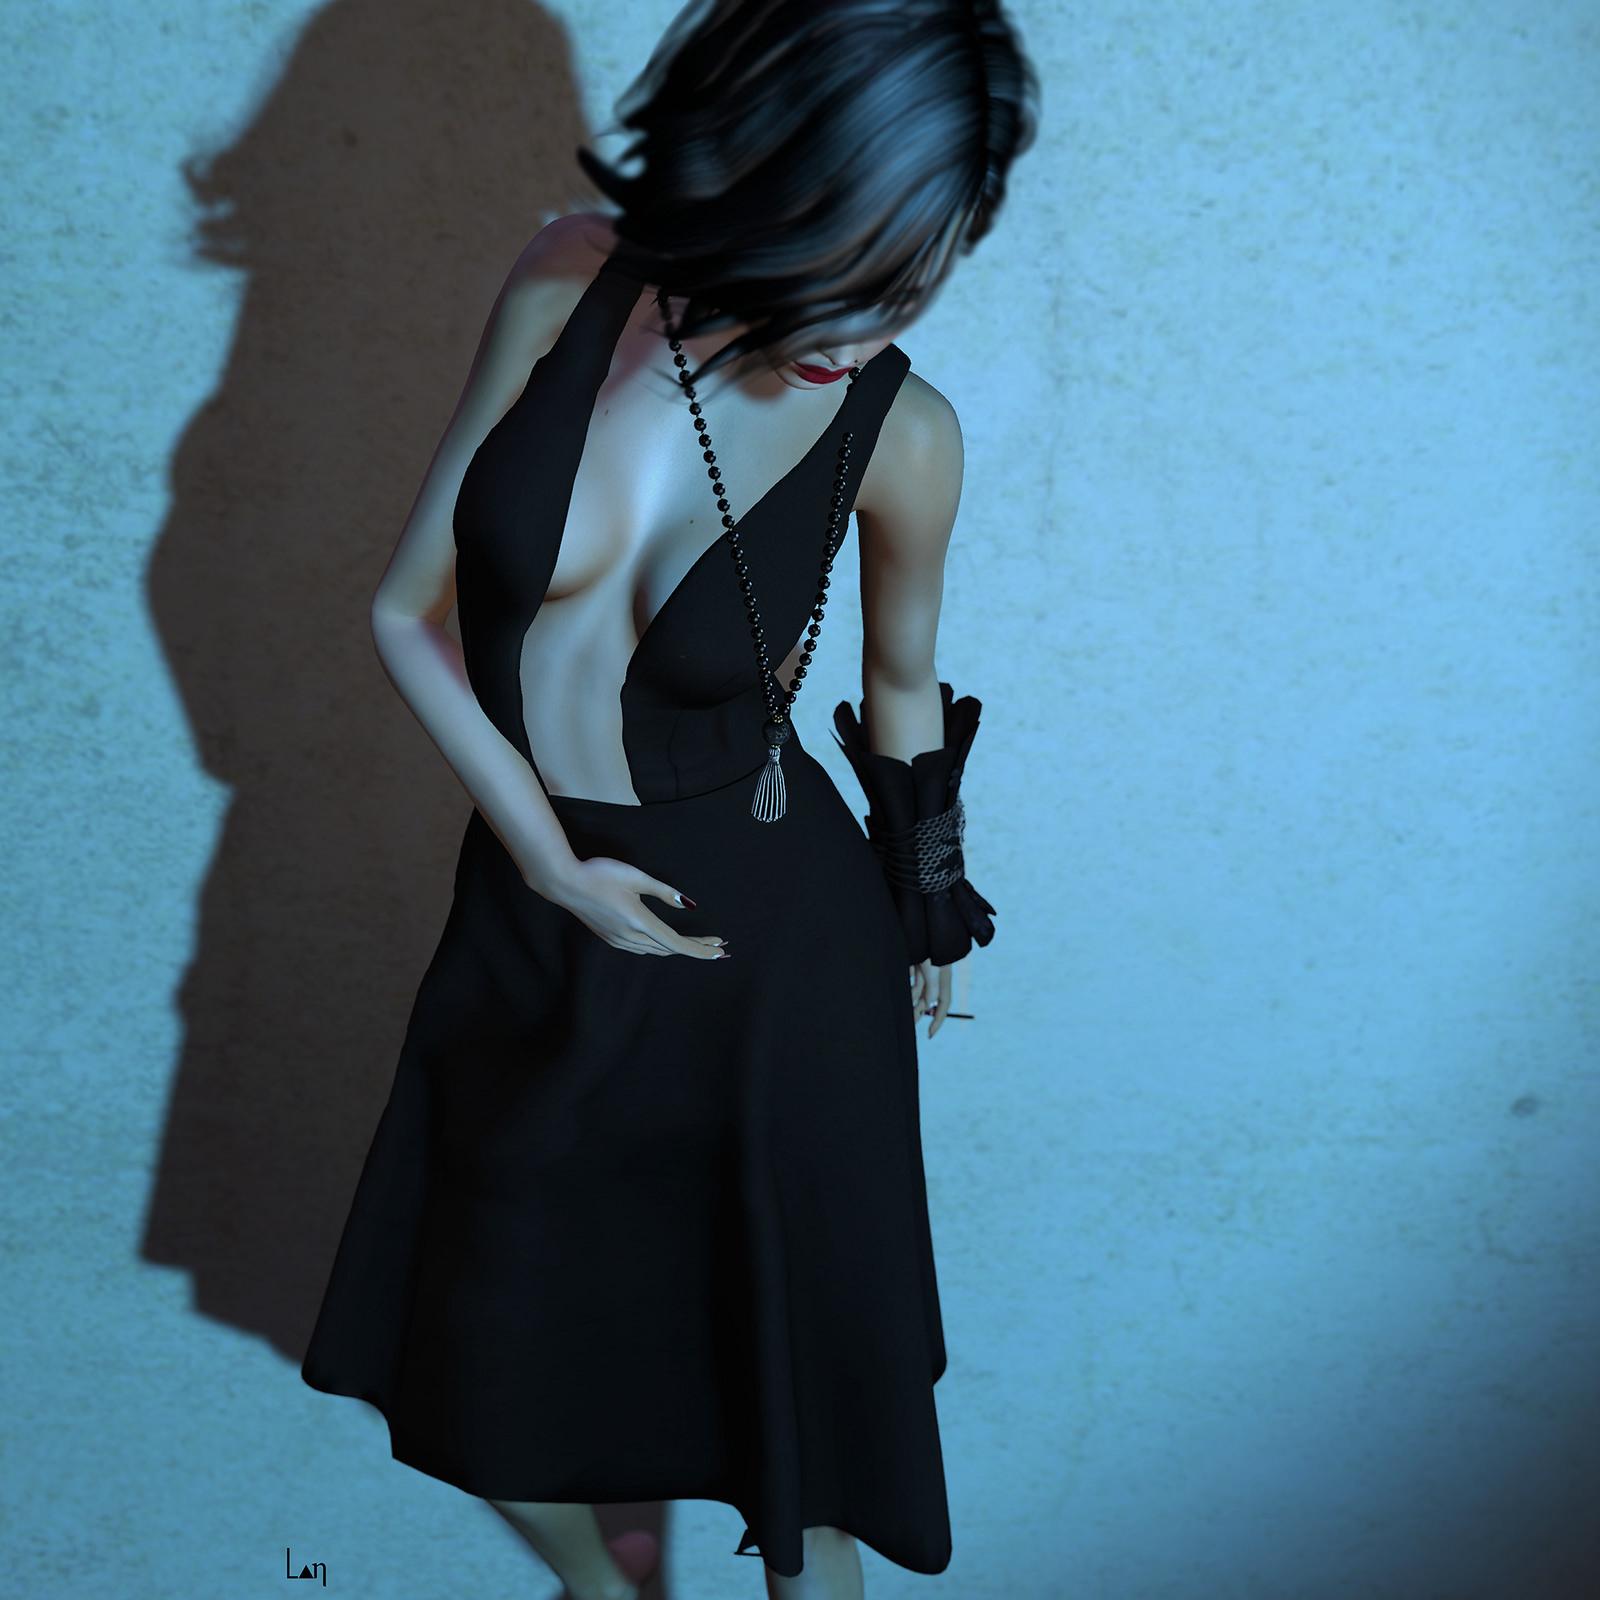 [sYs] La Petite Robe Noire